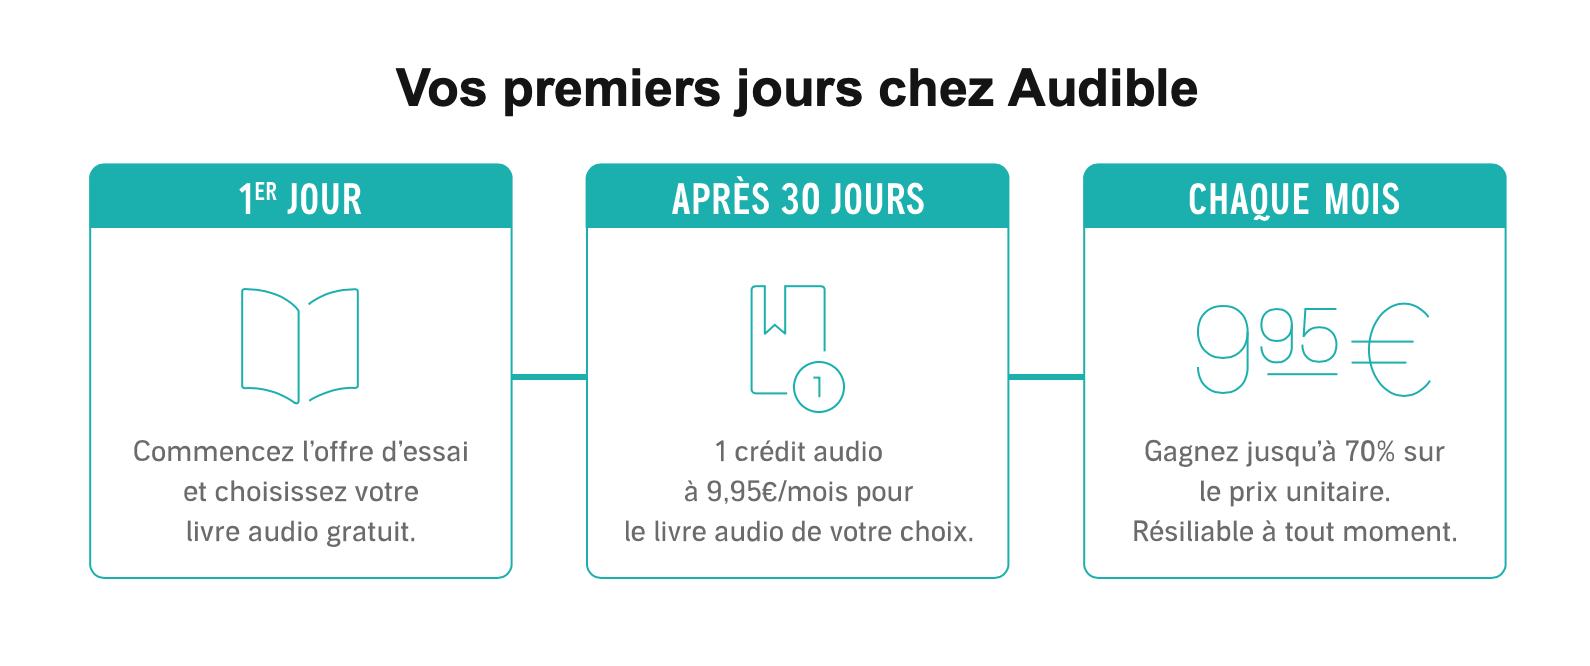 Fonctionnement de l'abonnement chez Audible : livres audio pour s'inspirer et développer son entreprise.